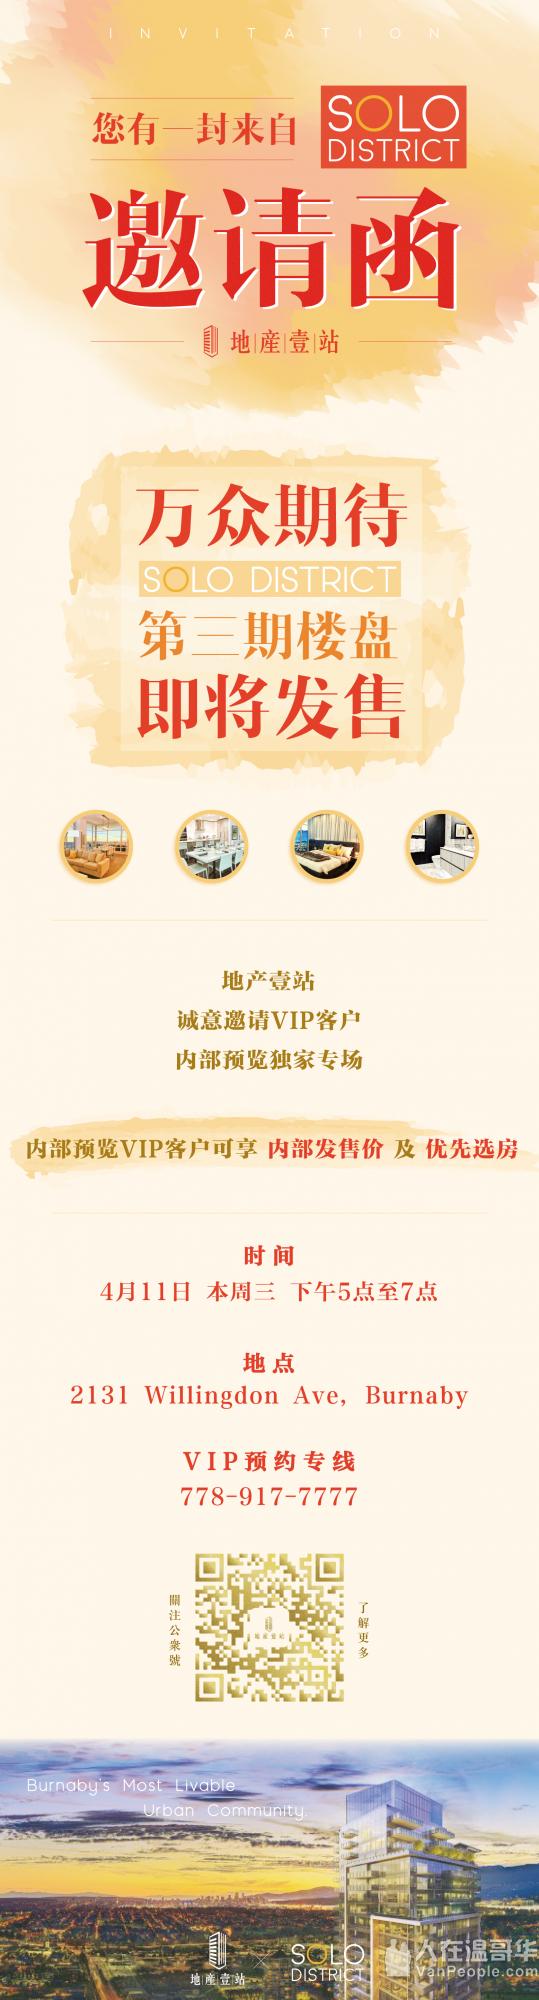 地产壹站 -- 楼花内购,地产服务~登记预约,获取一手户型图!